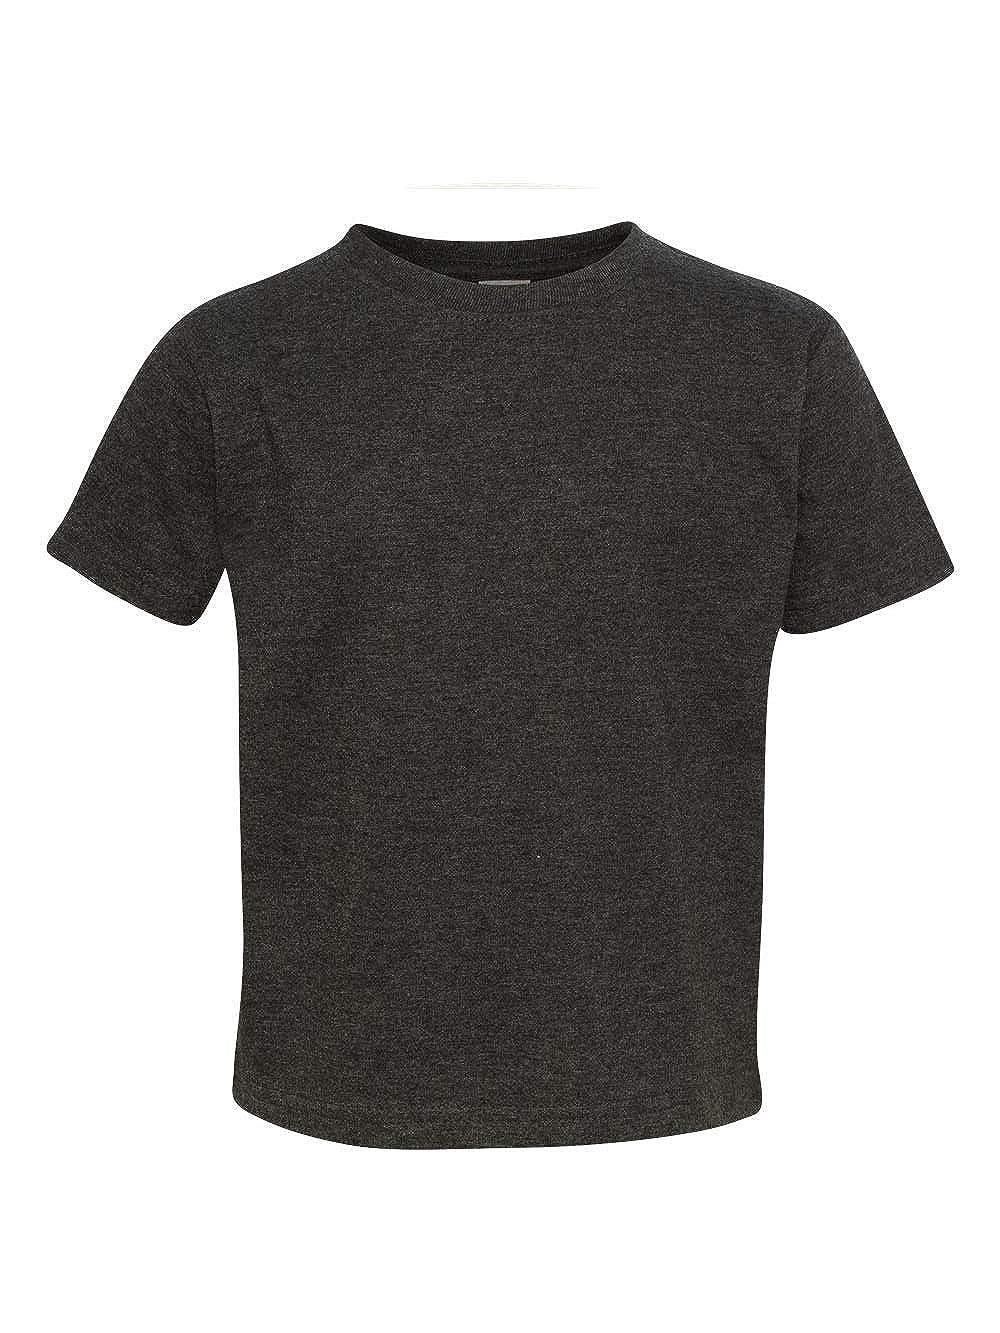 703b4507c Amazon.com: Rabbit Skins Toddler Vintage Ringspun Jersey T-Shirt: Clothing